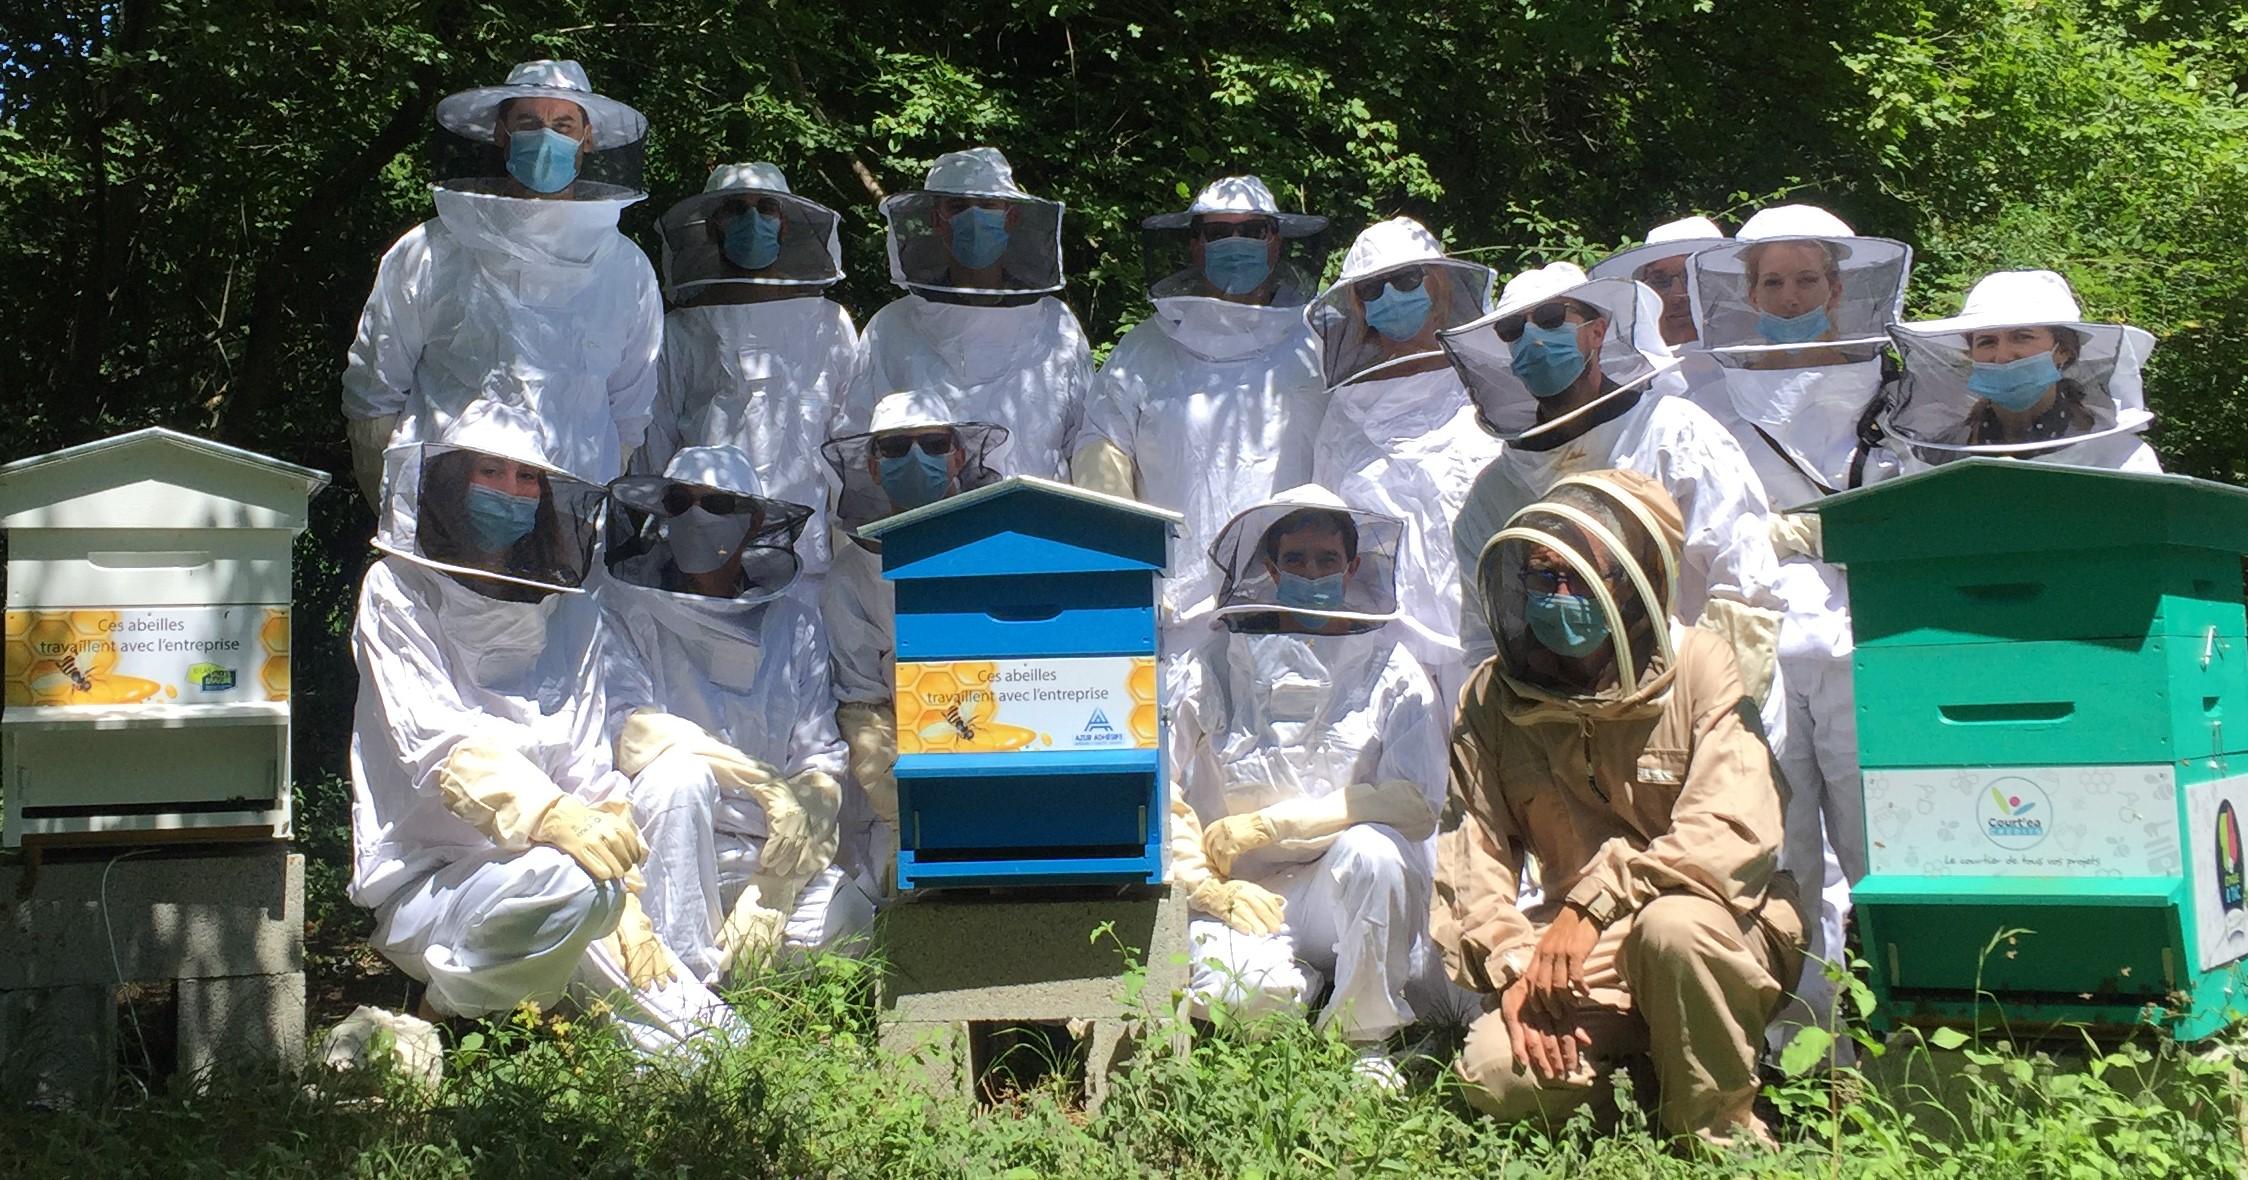 Parrainage de ruche sur le rucher Bee Abeille à Claix - Azur adhesif - courtea credit - id las salles